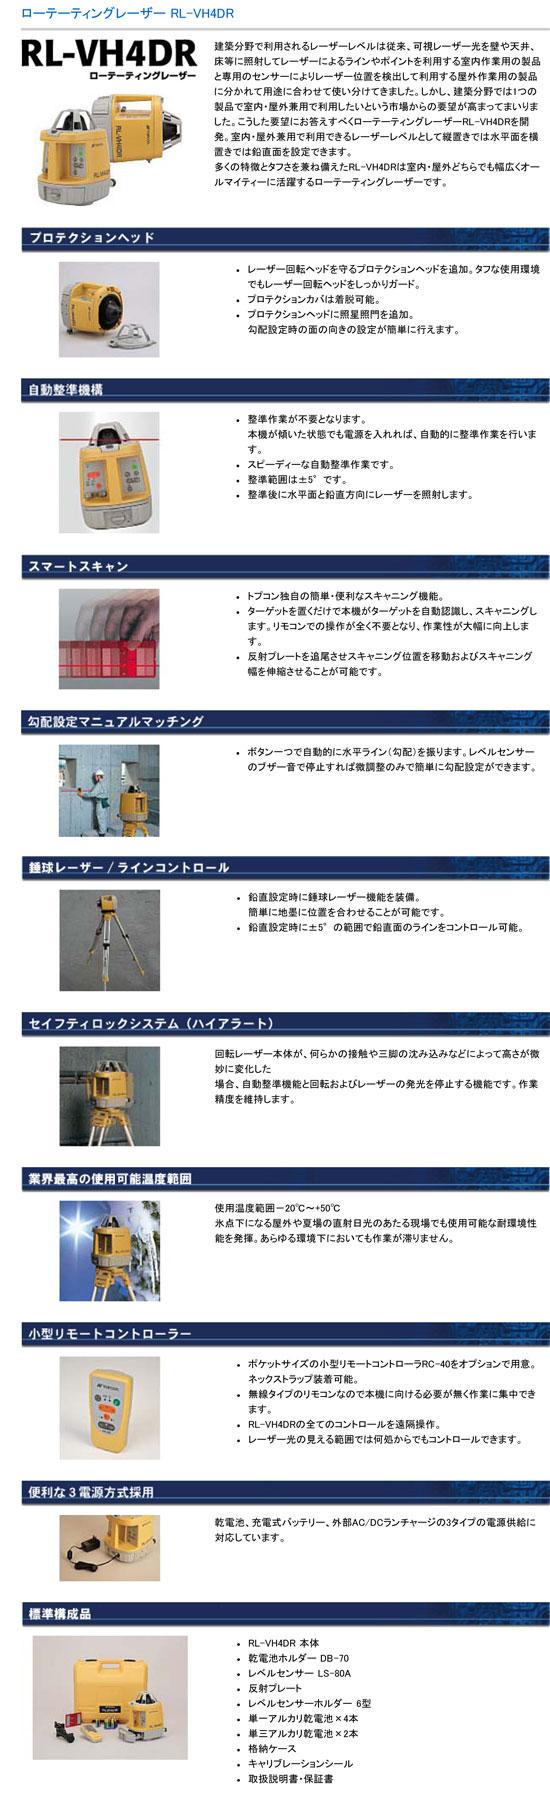 RL-VH4DR 詳細説明